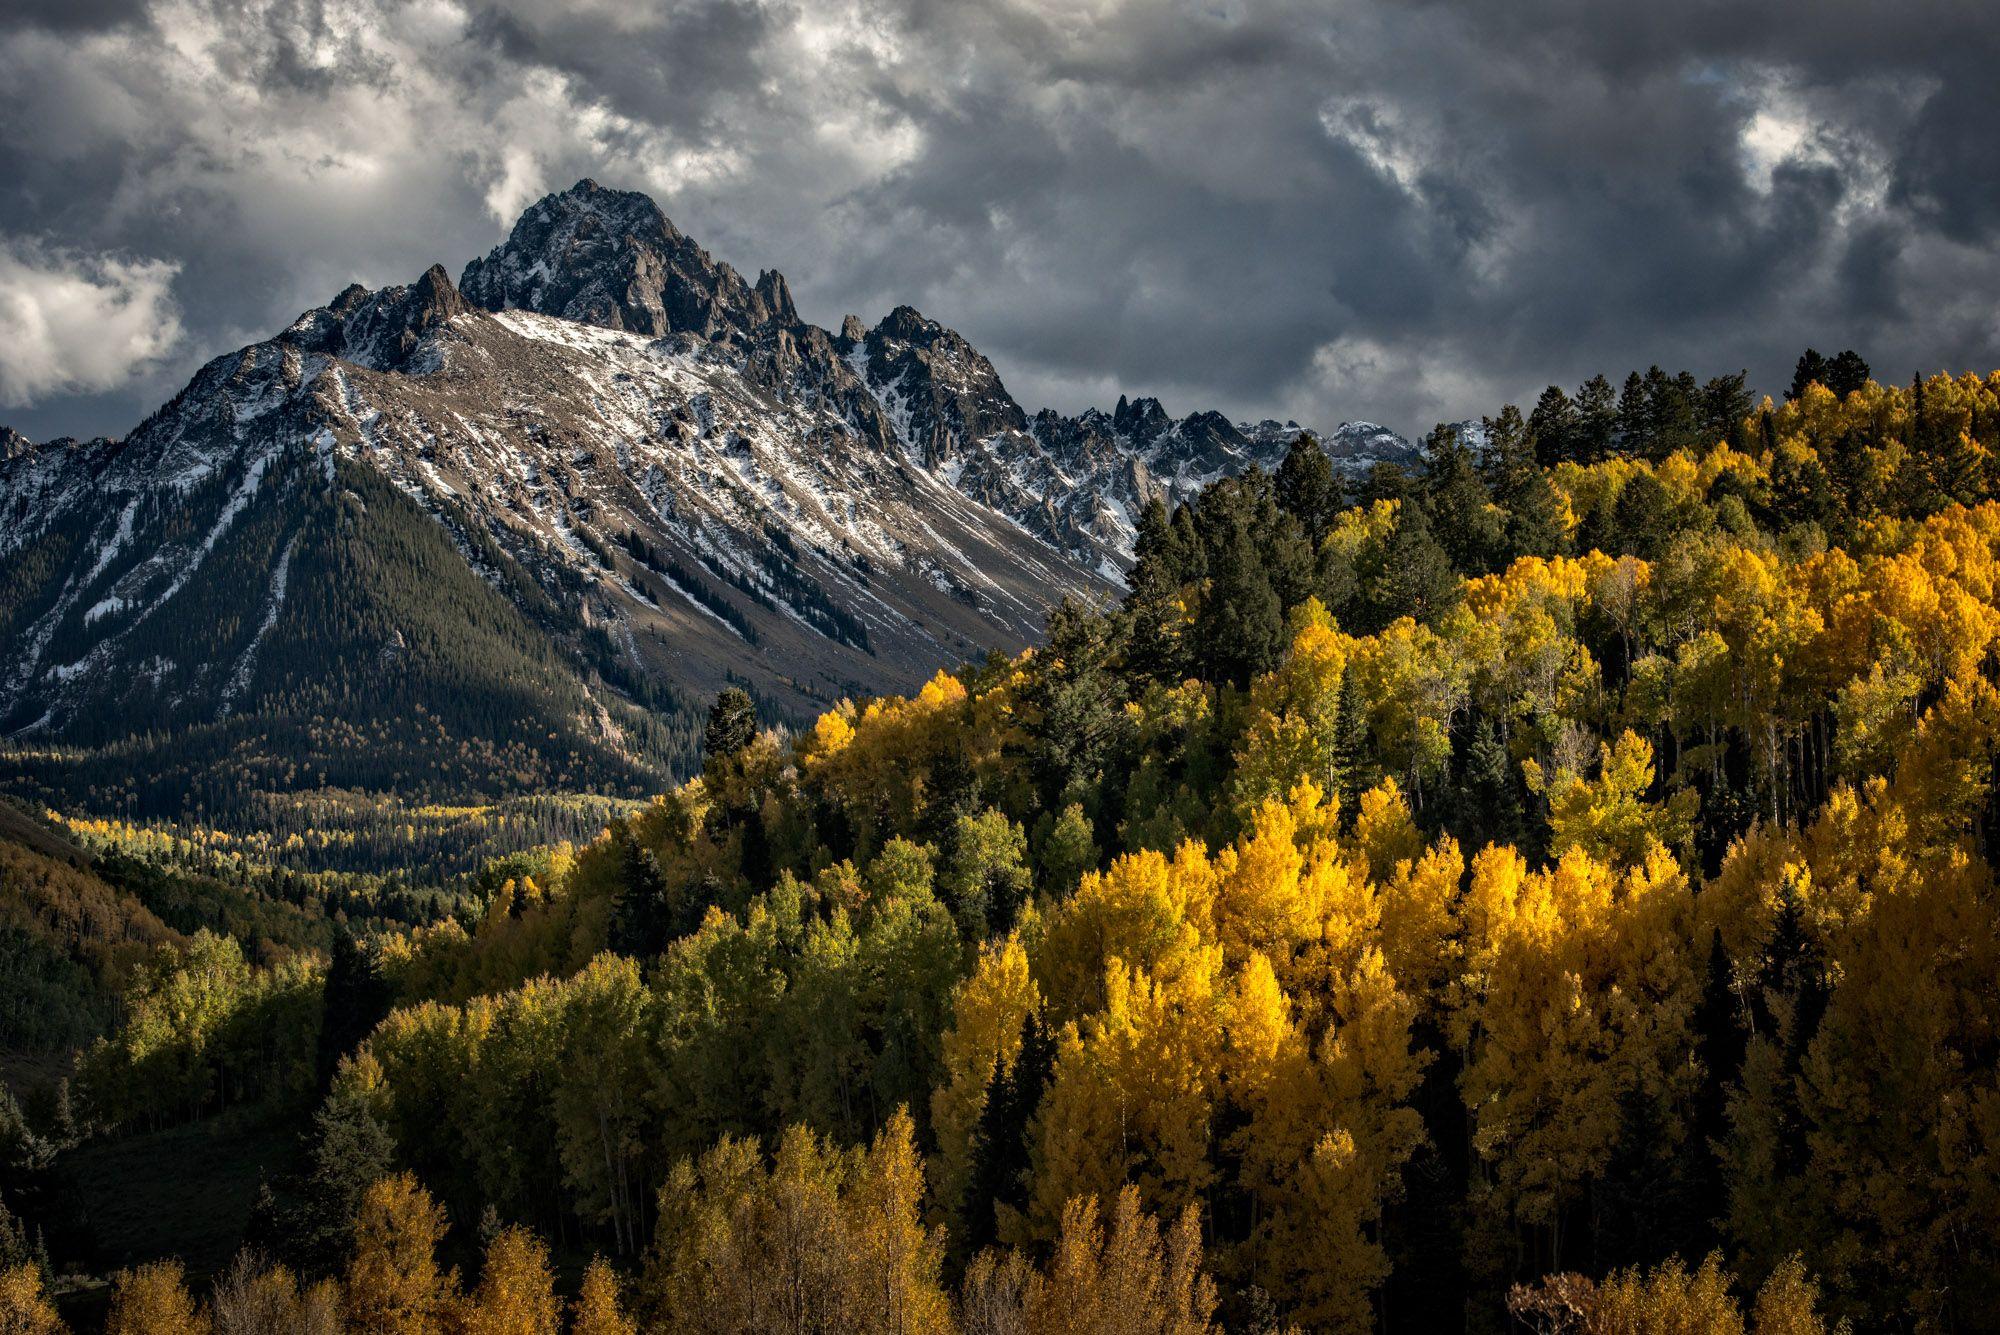 Photo Raw 2020 1 Autumn Photography Landscape Photoshop World